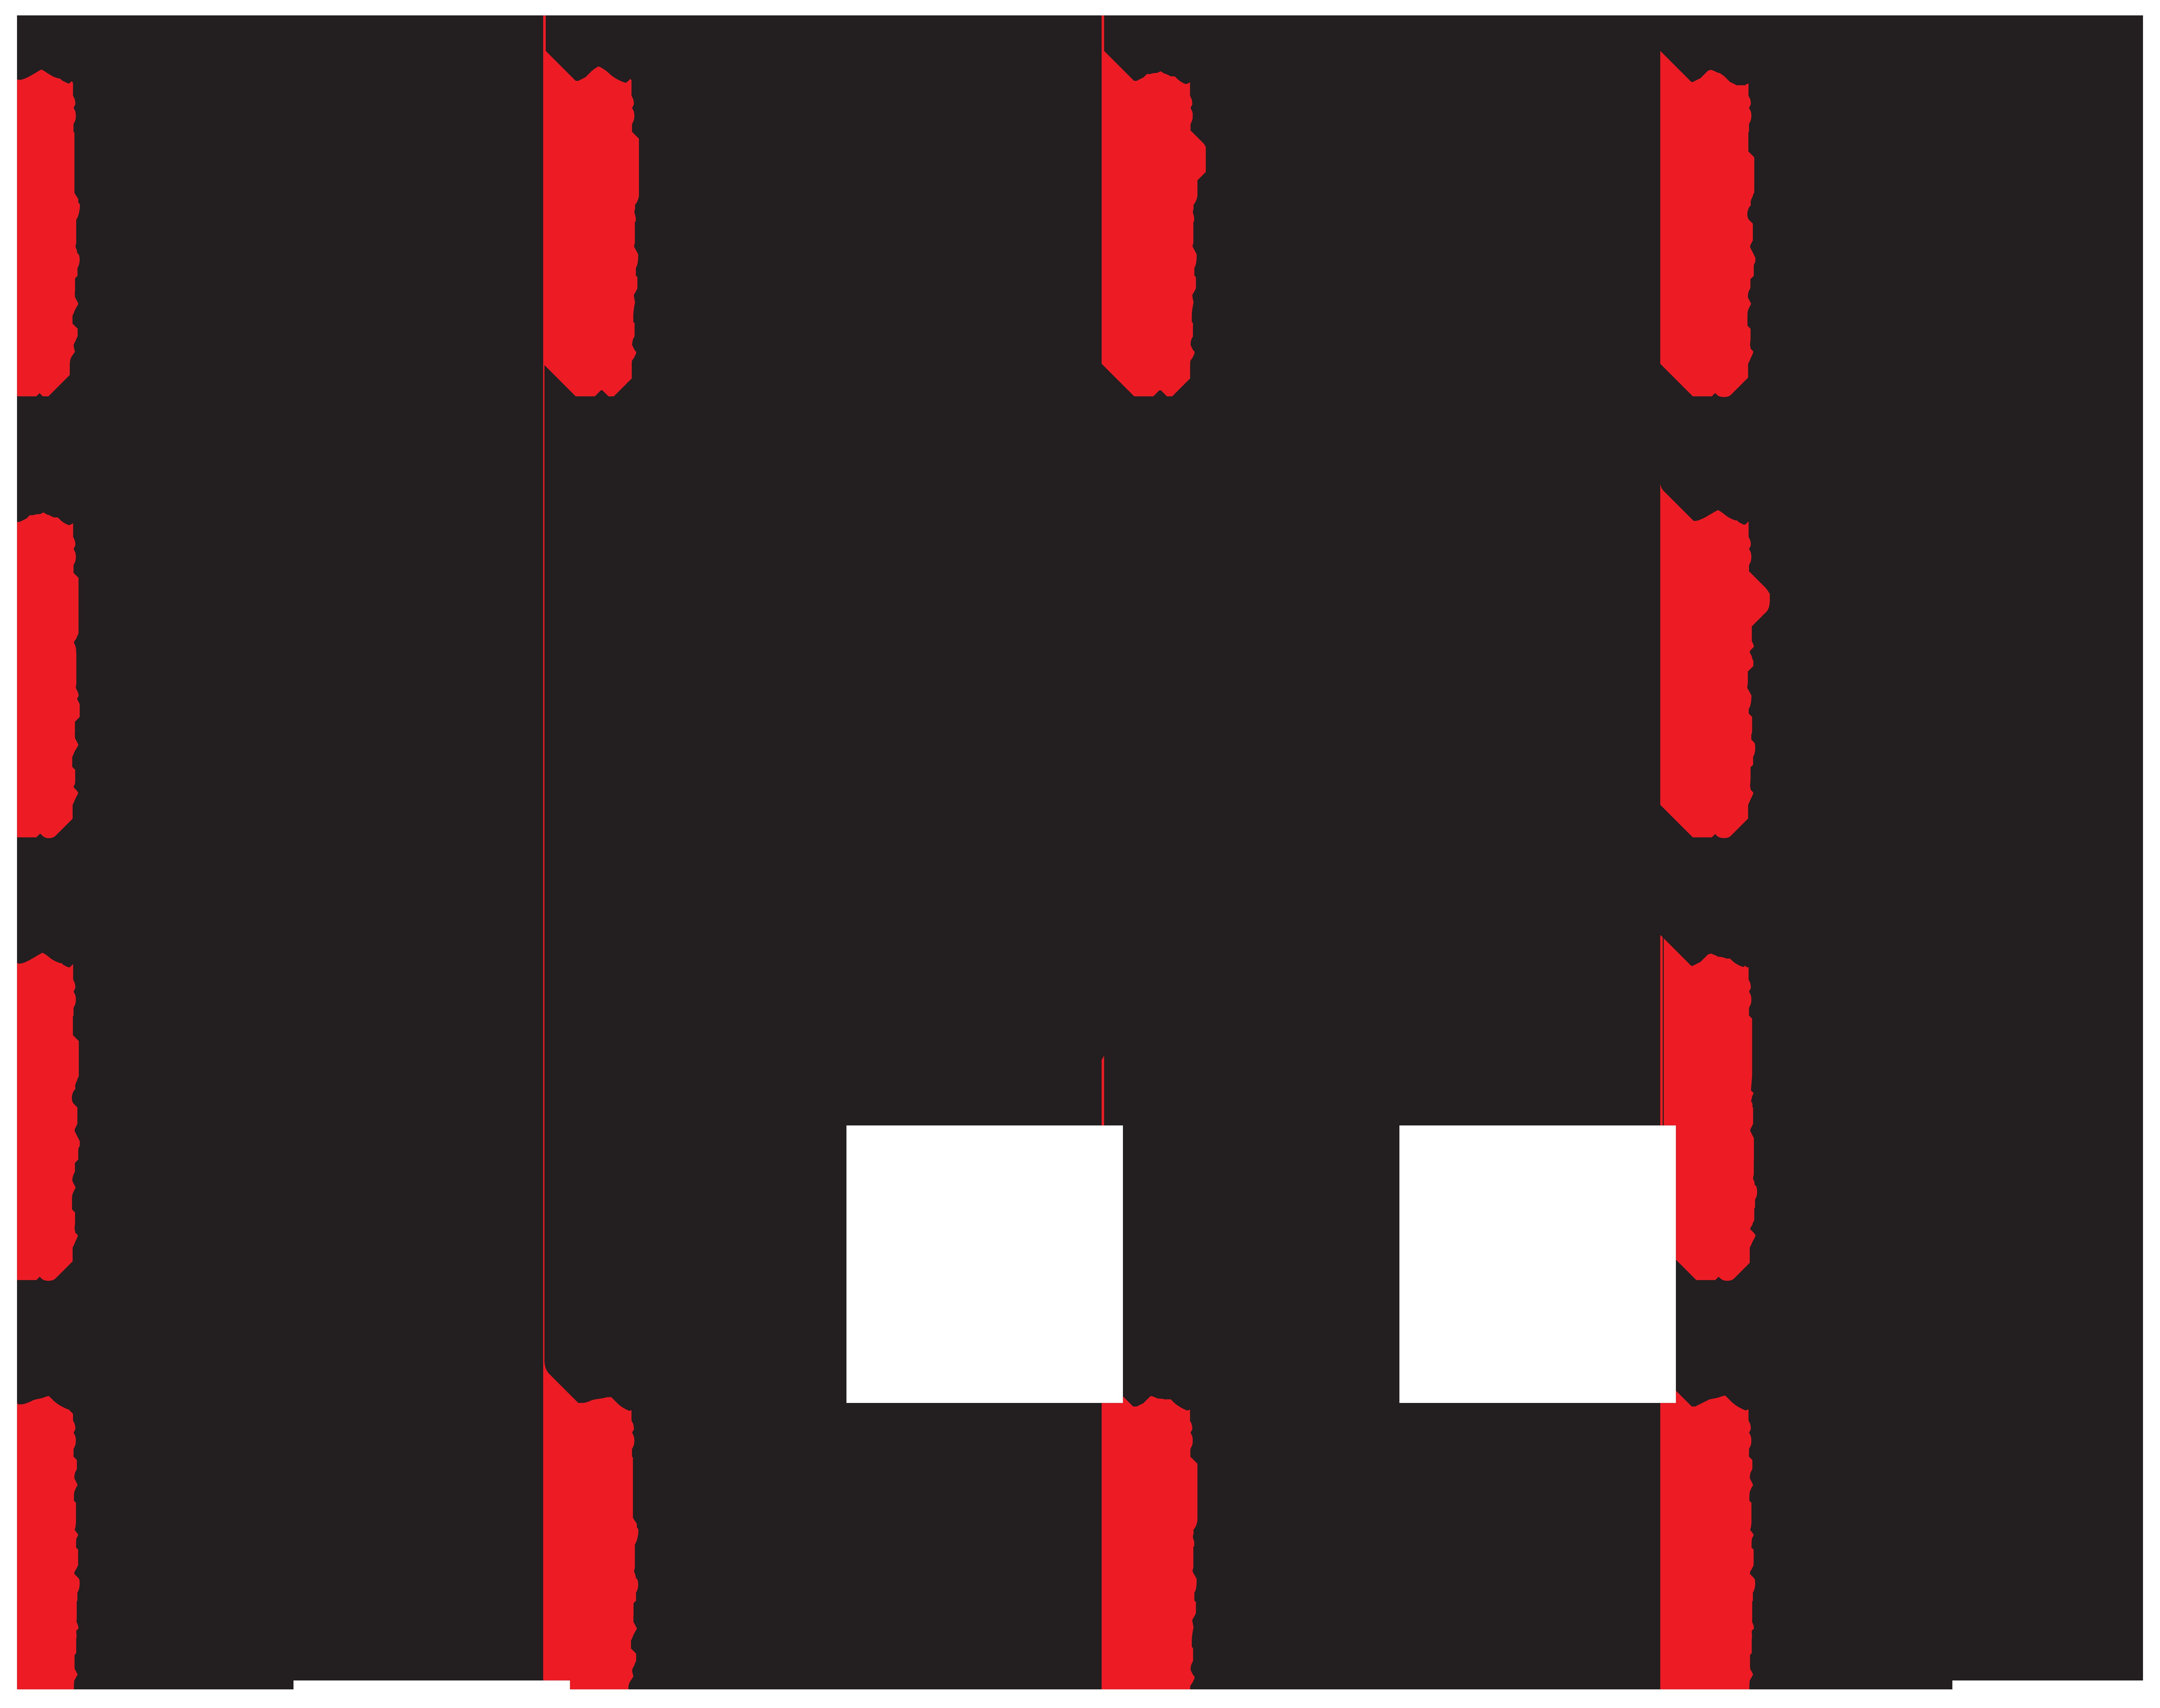 2019 Transparent Calendar PNG Image.